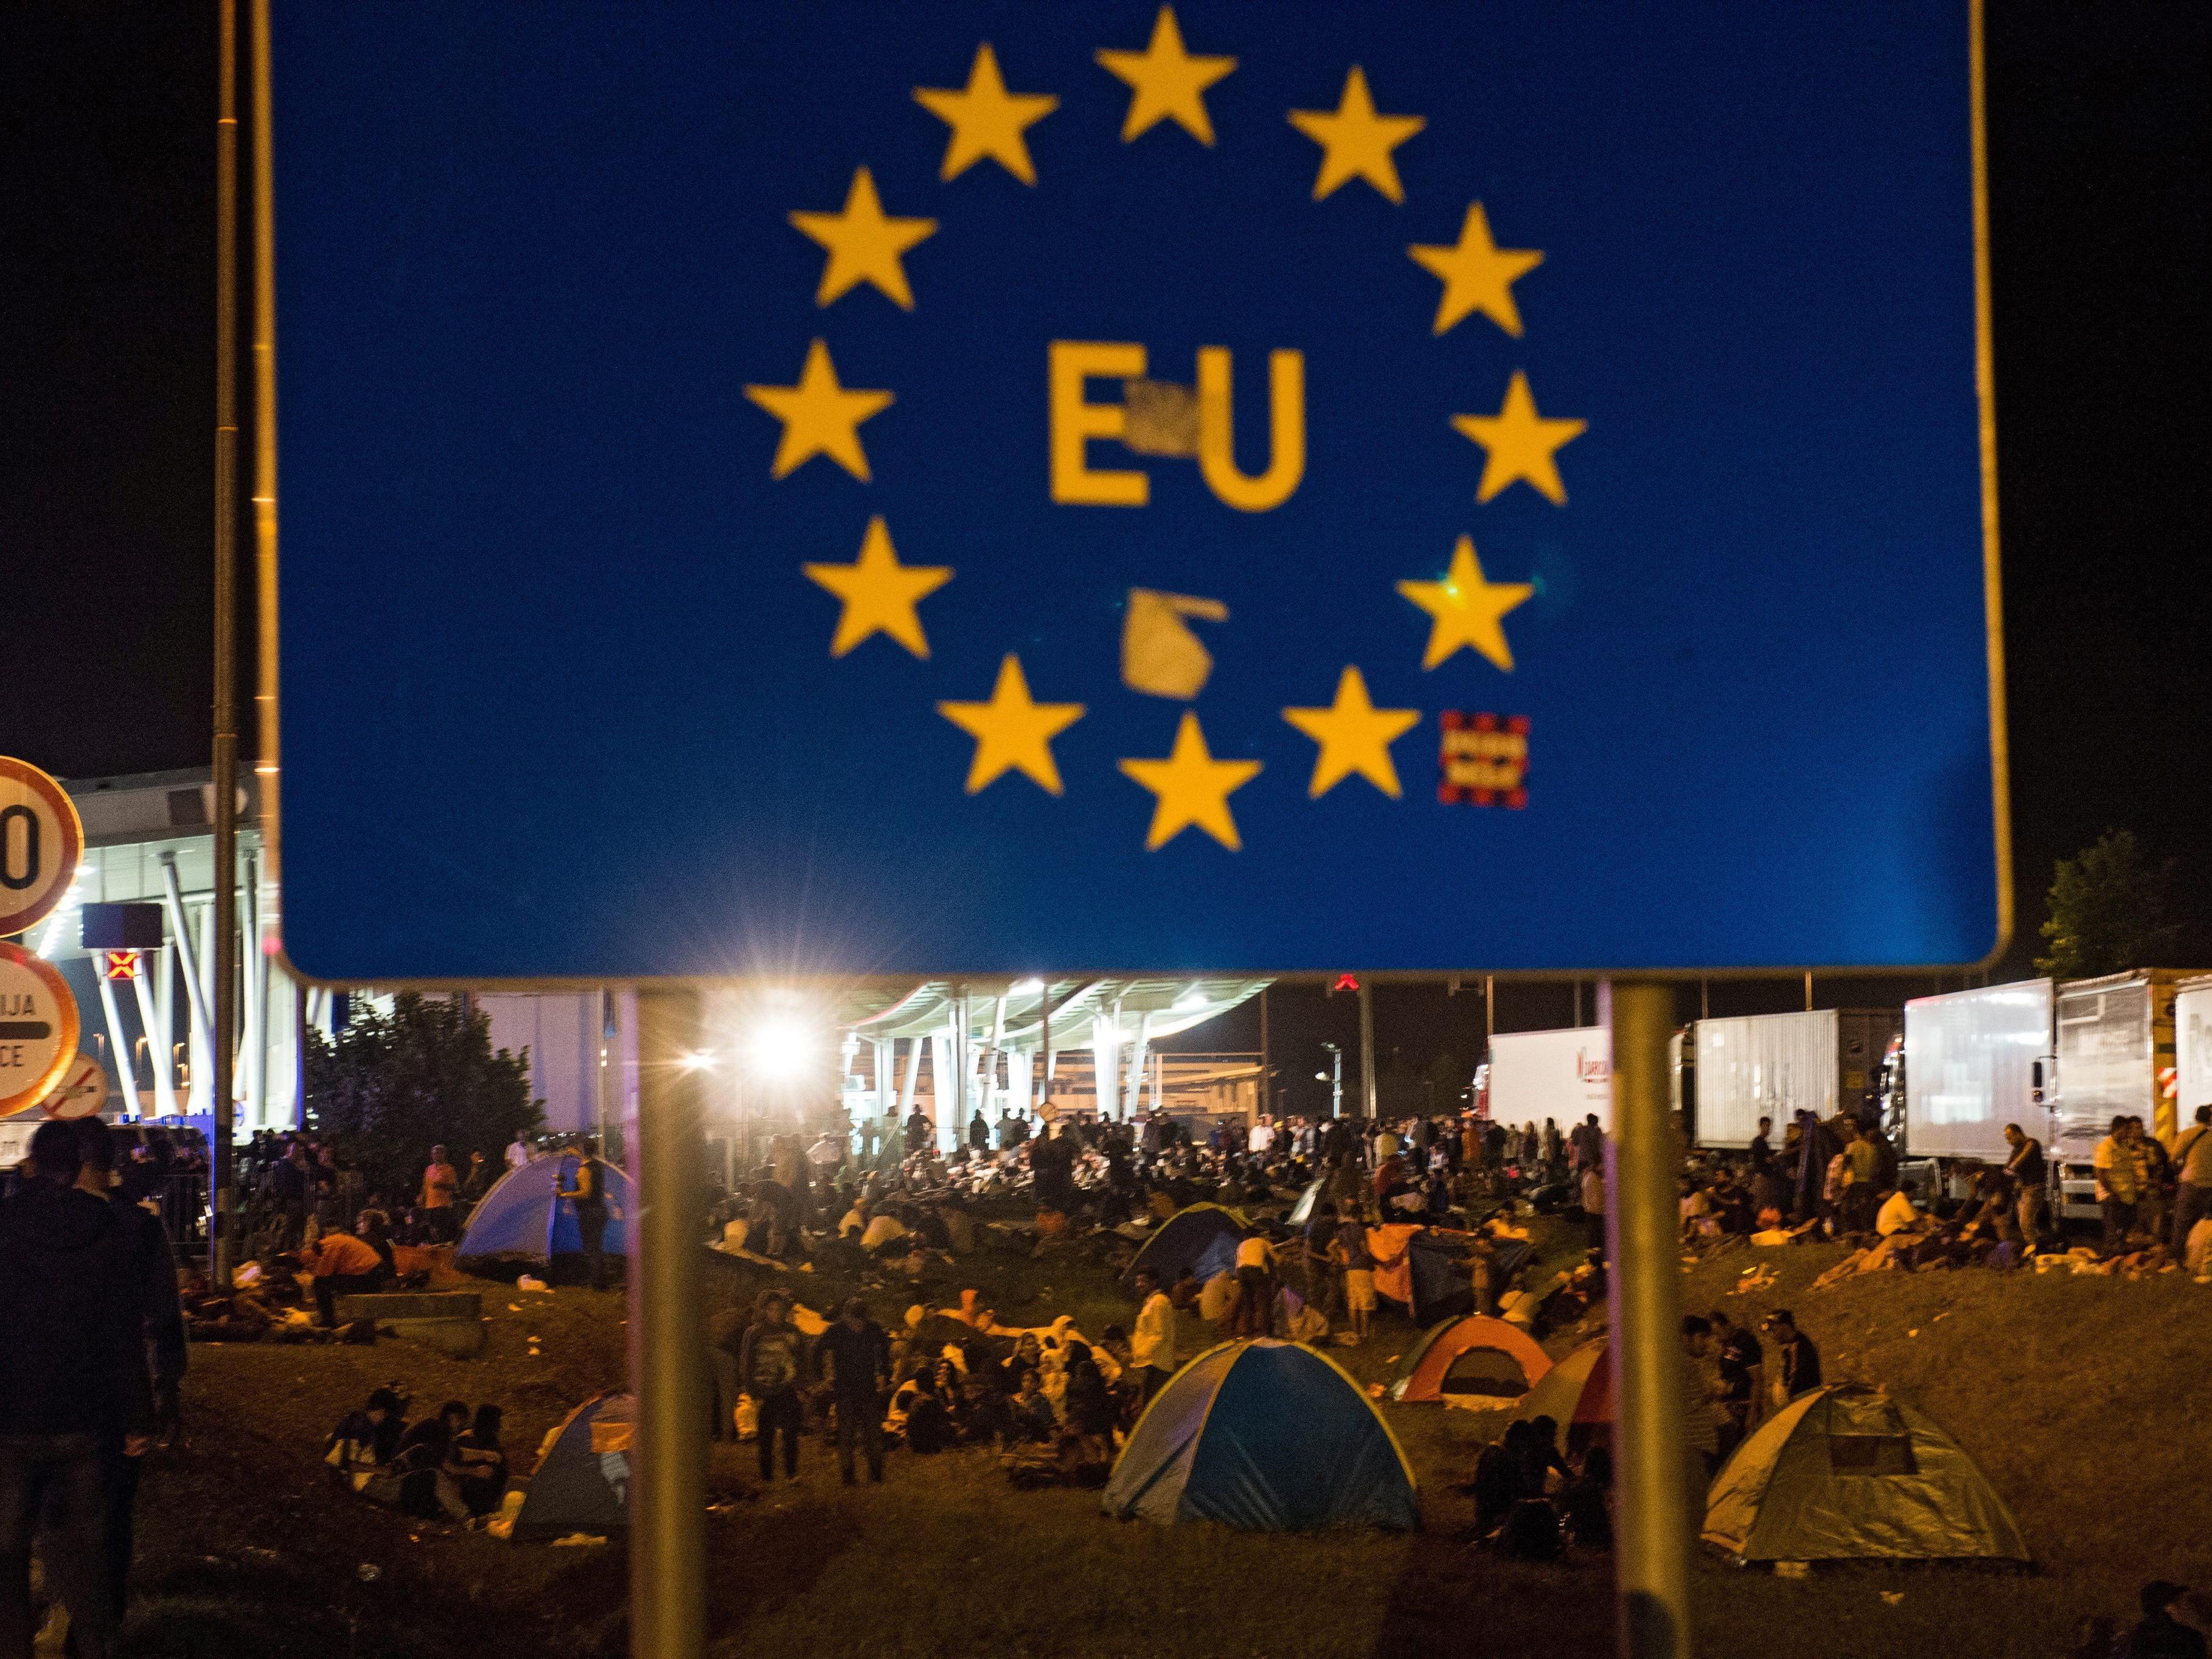 Krisentreffen: EU-Minister suchen Kompromiss zu Flüchtlingsfrage